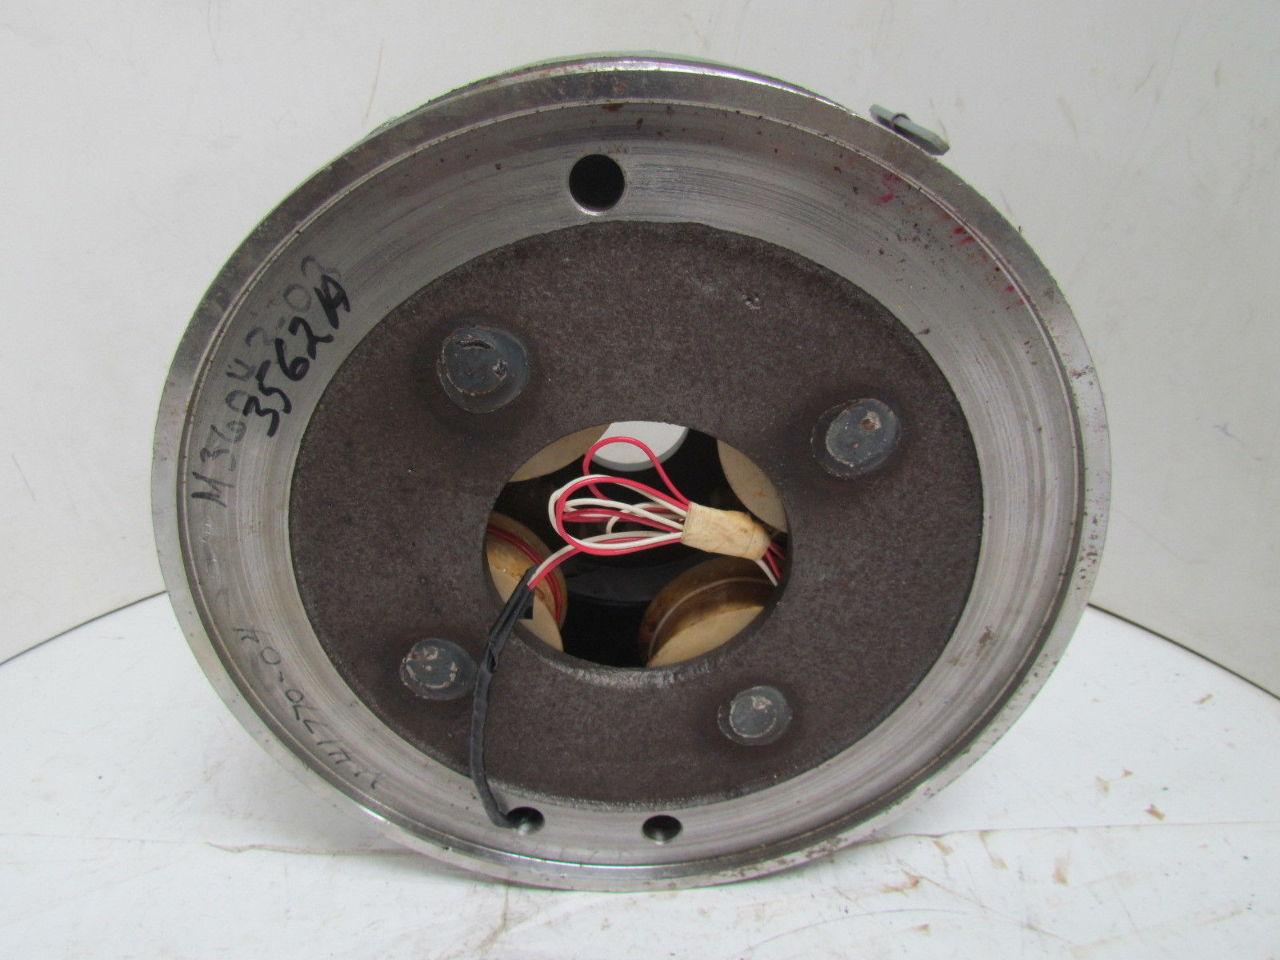 Reuland 38B7 OCCK 115 Volt DC Magnetic Brake 75 LB/Ft Torque | eBay